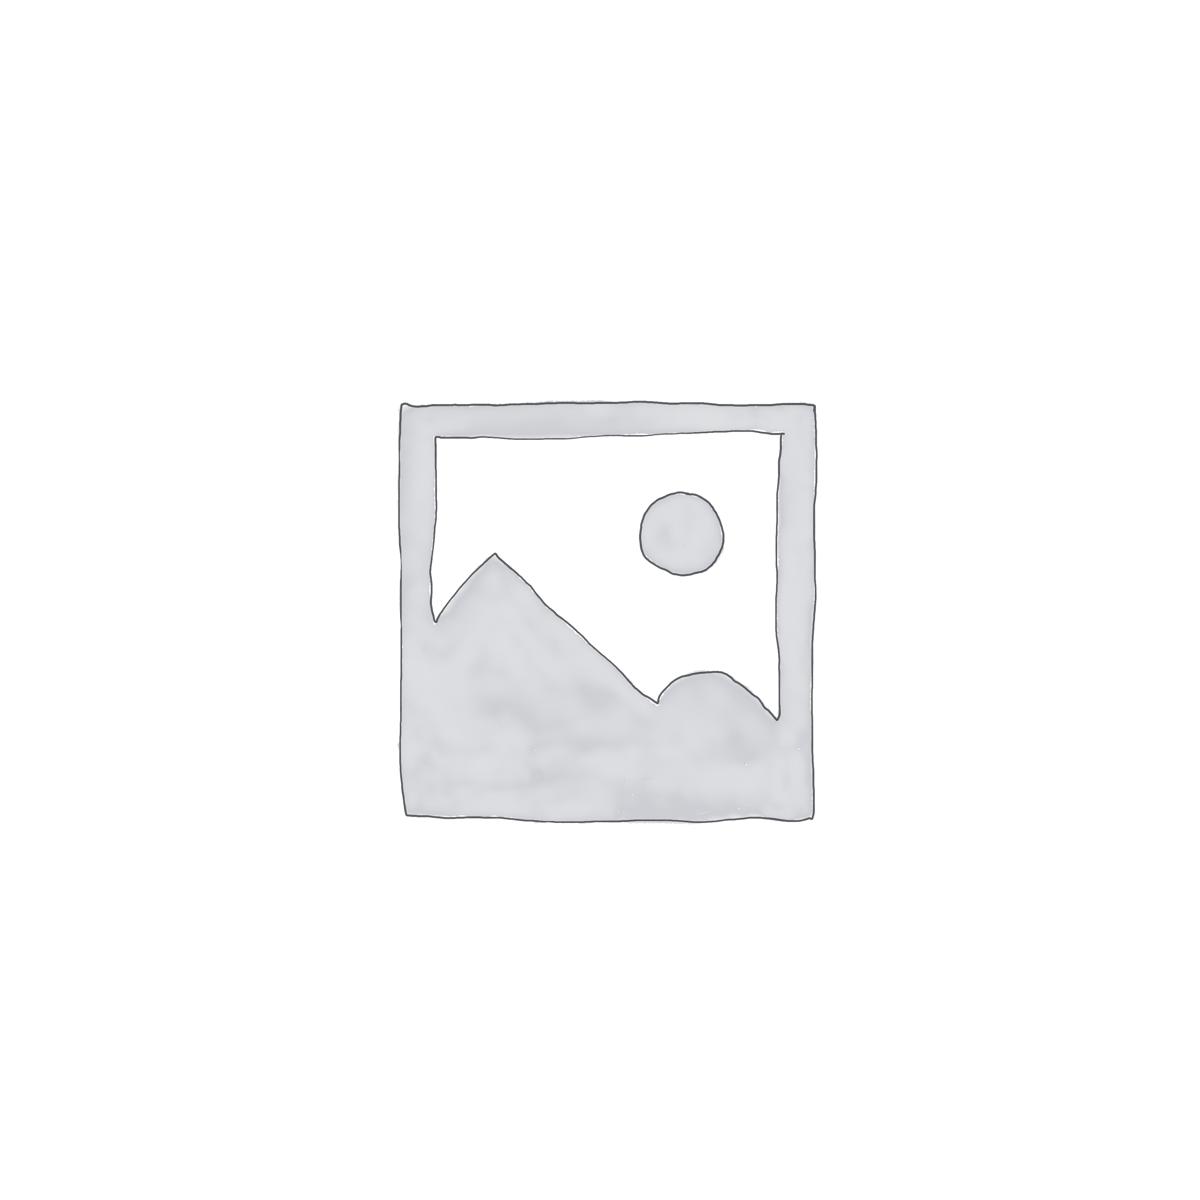 Dutch Dark Flowers Wallpaper Mural